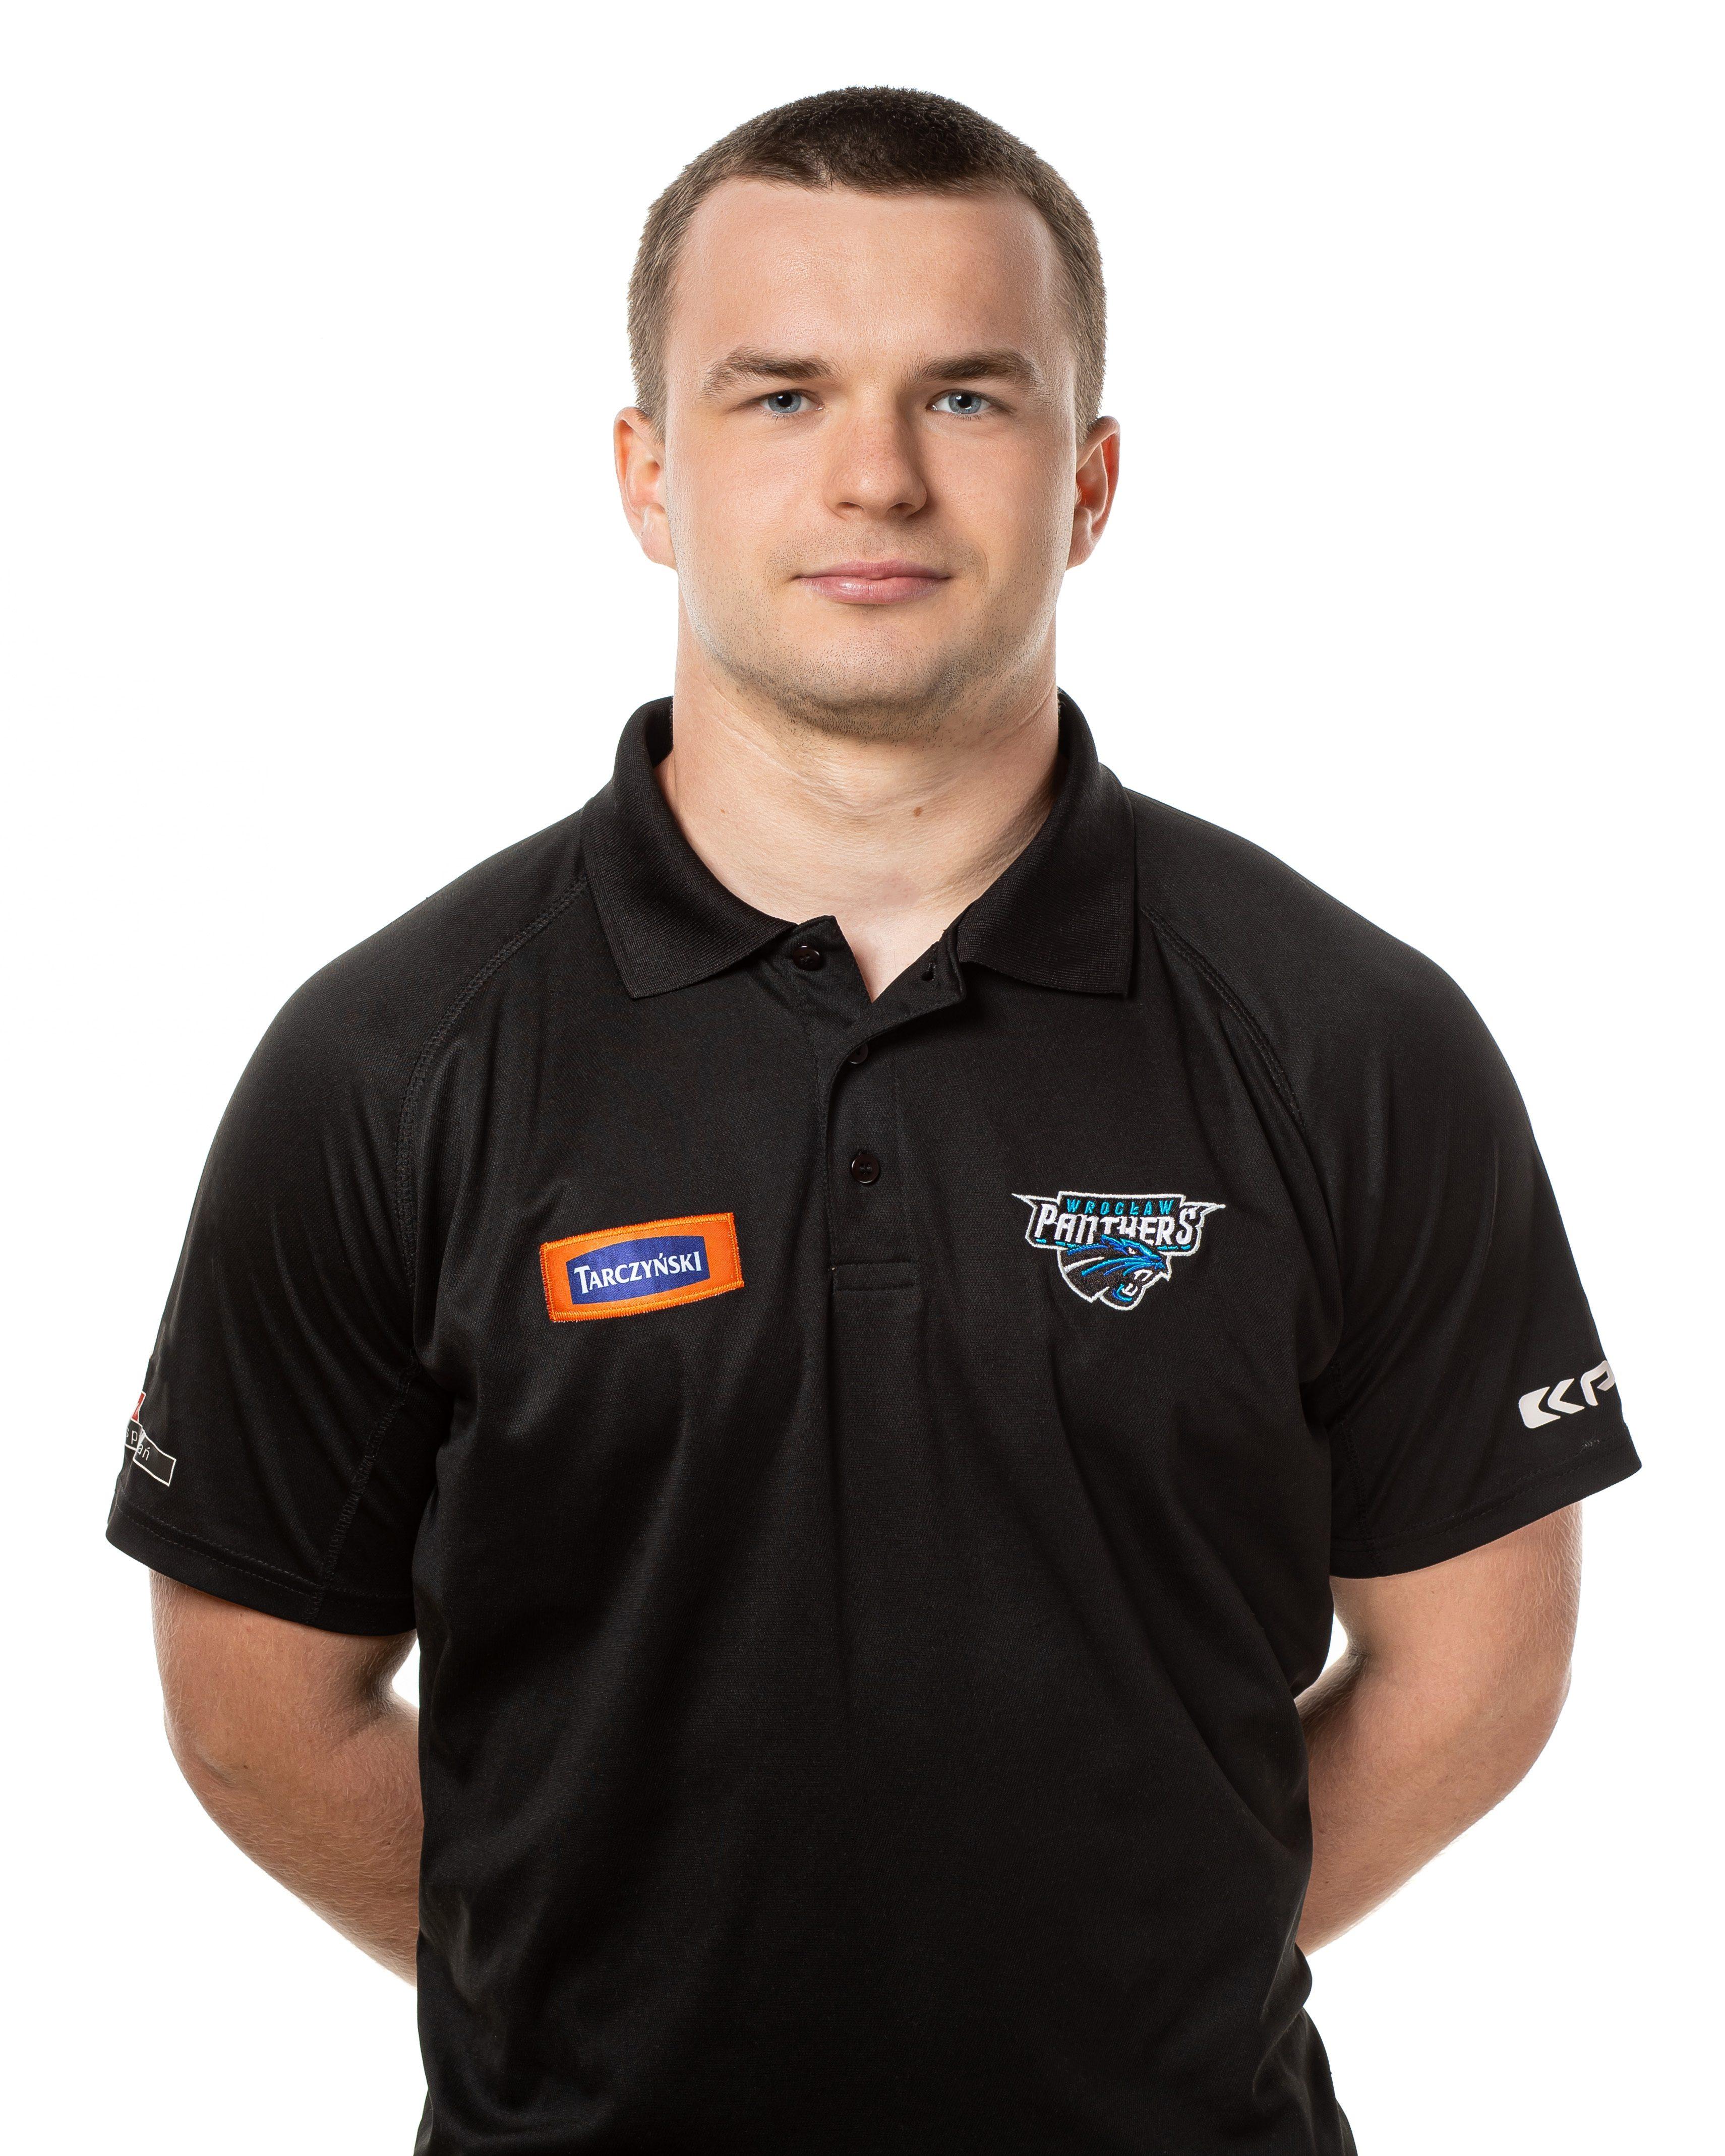 Antoni Idziak